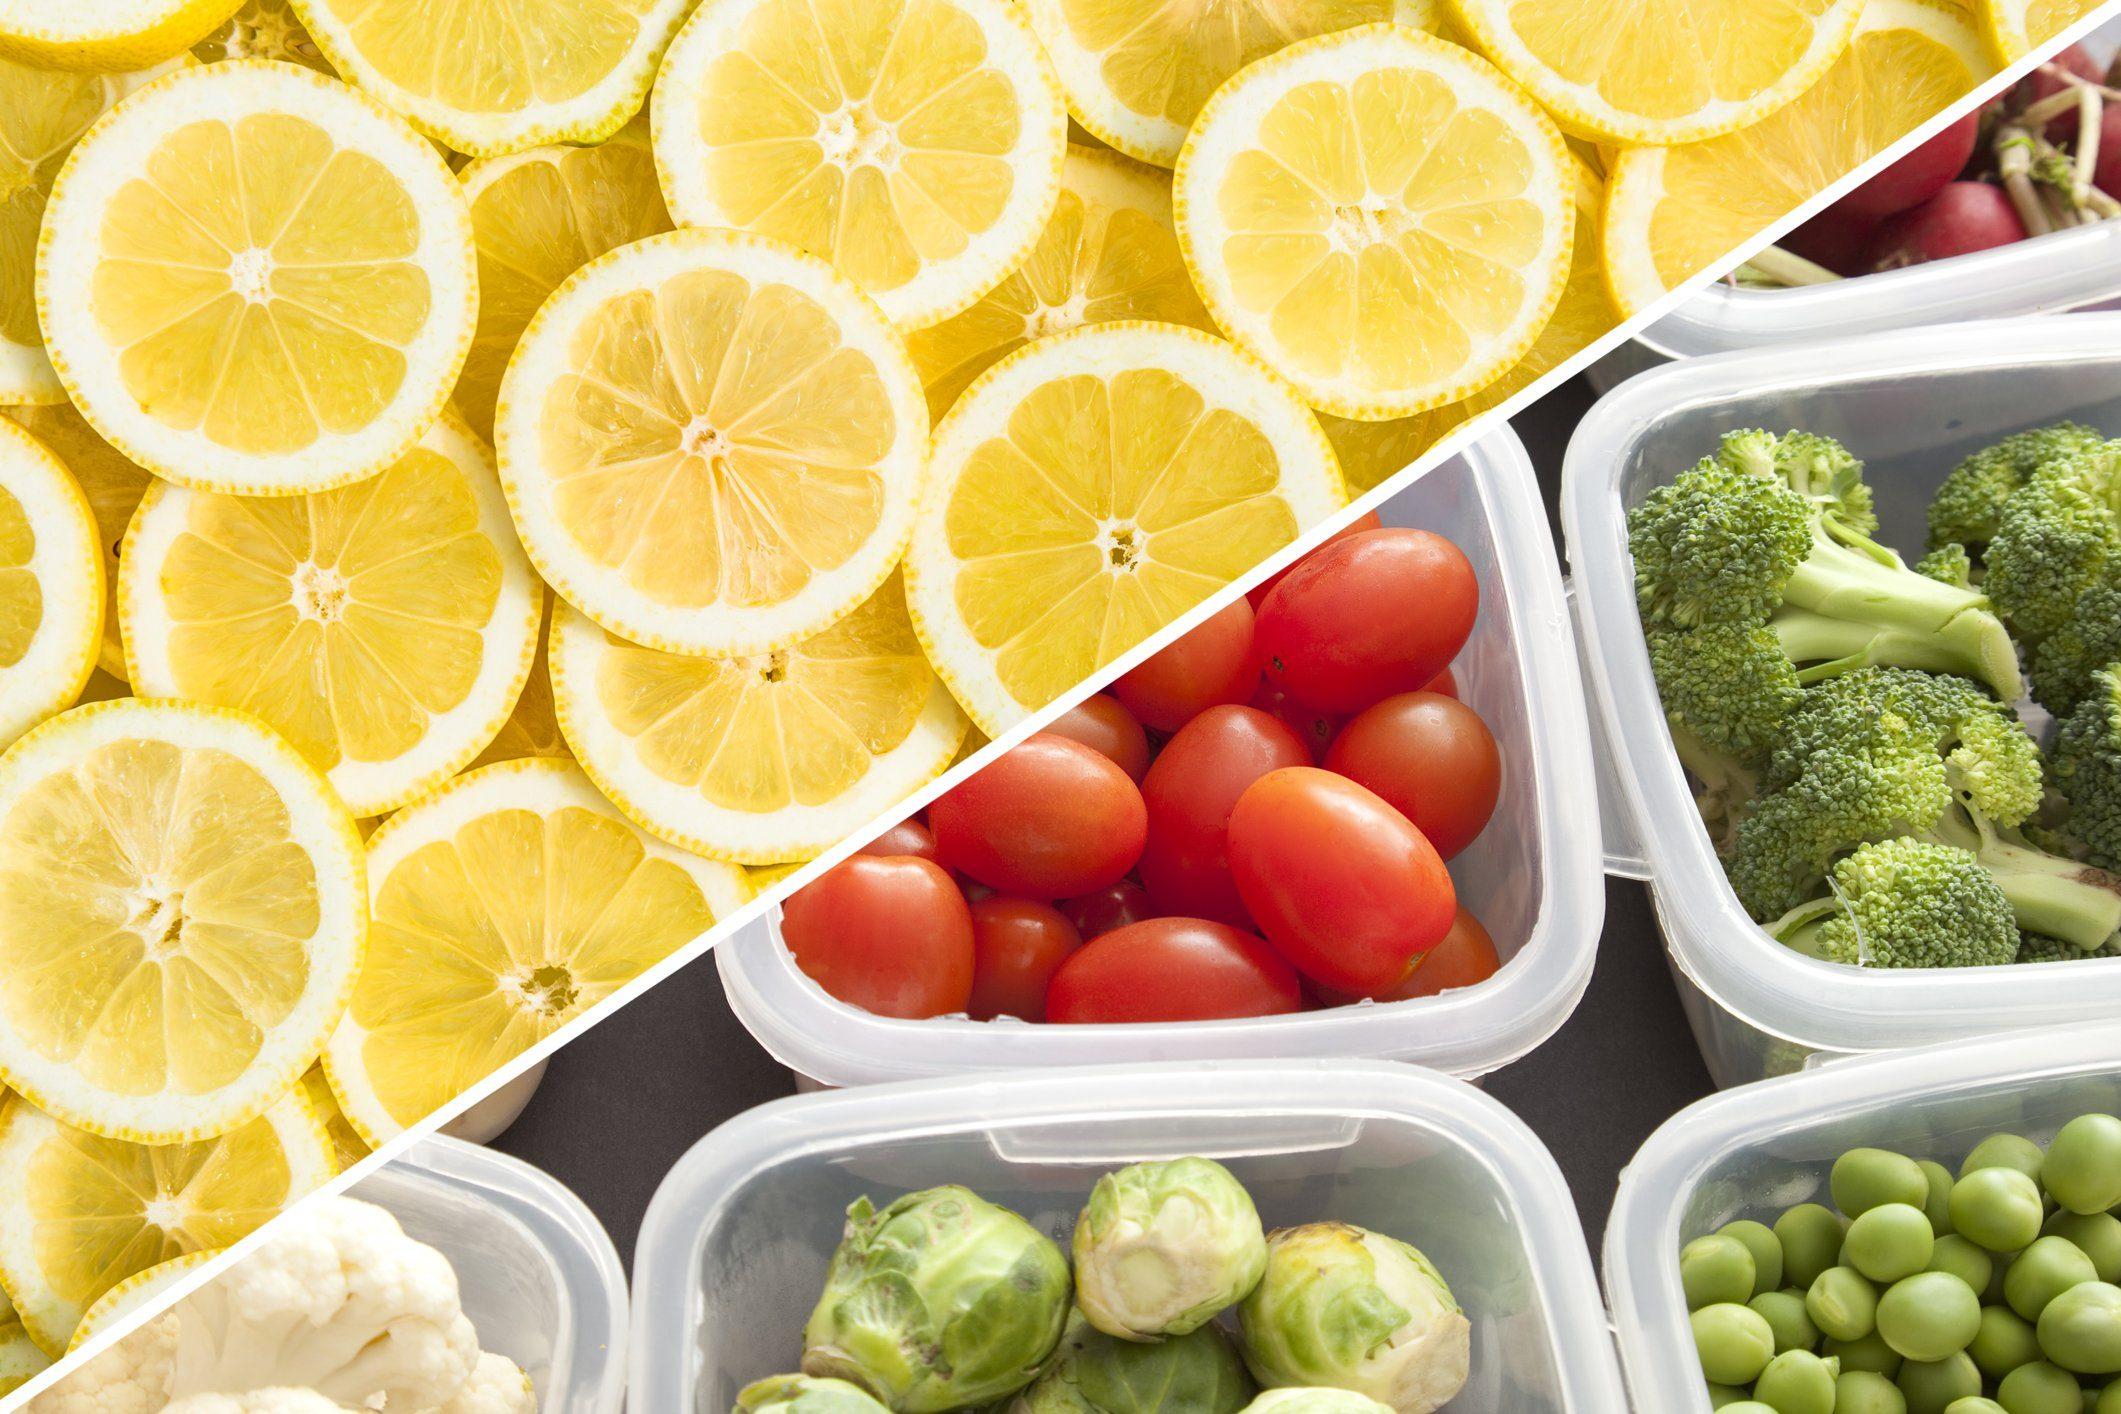 tupper ware food storage clean lemon